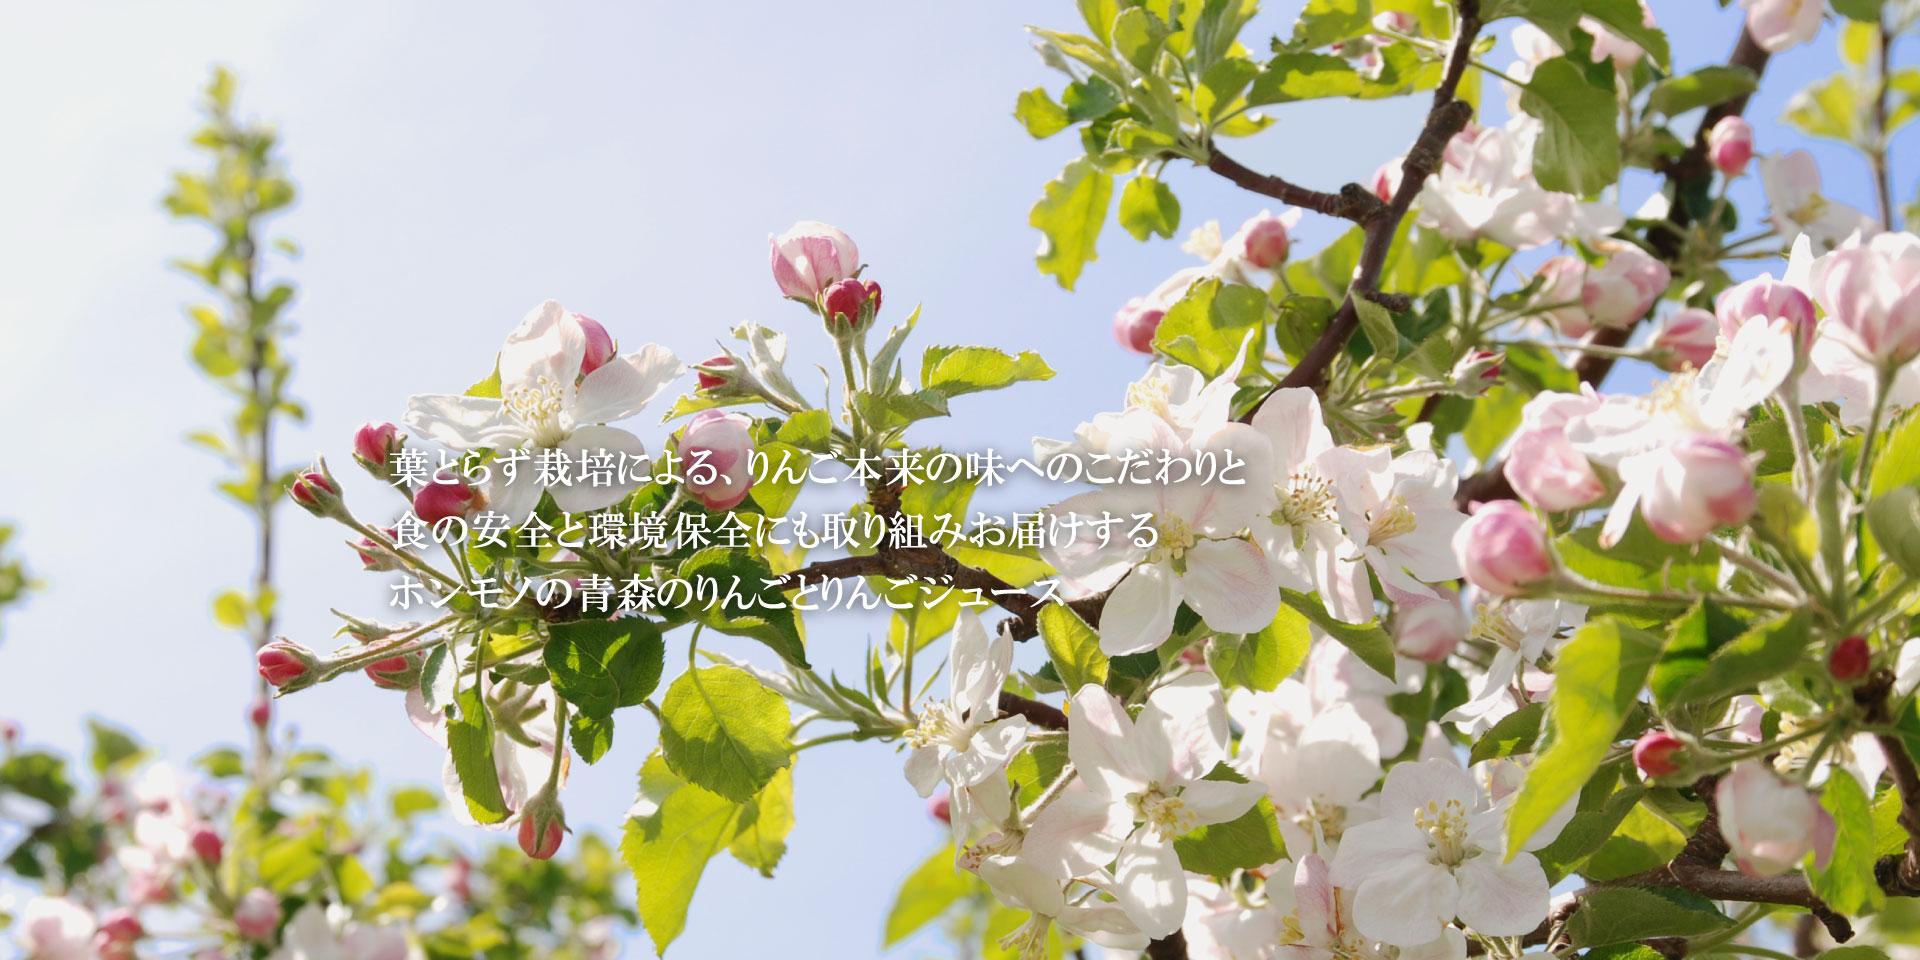 青森の葉とらずりんご HAPPYHAPPAメインイメージ3